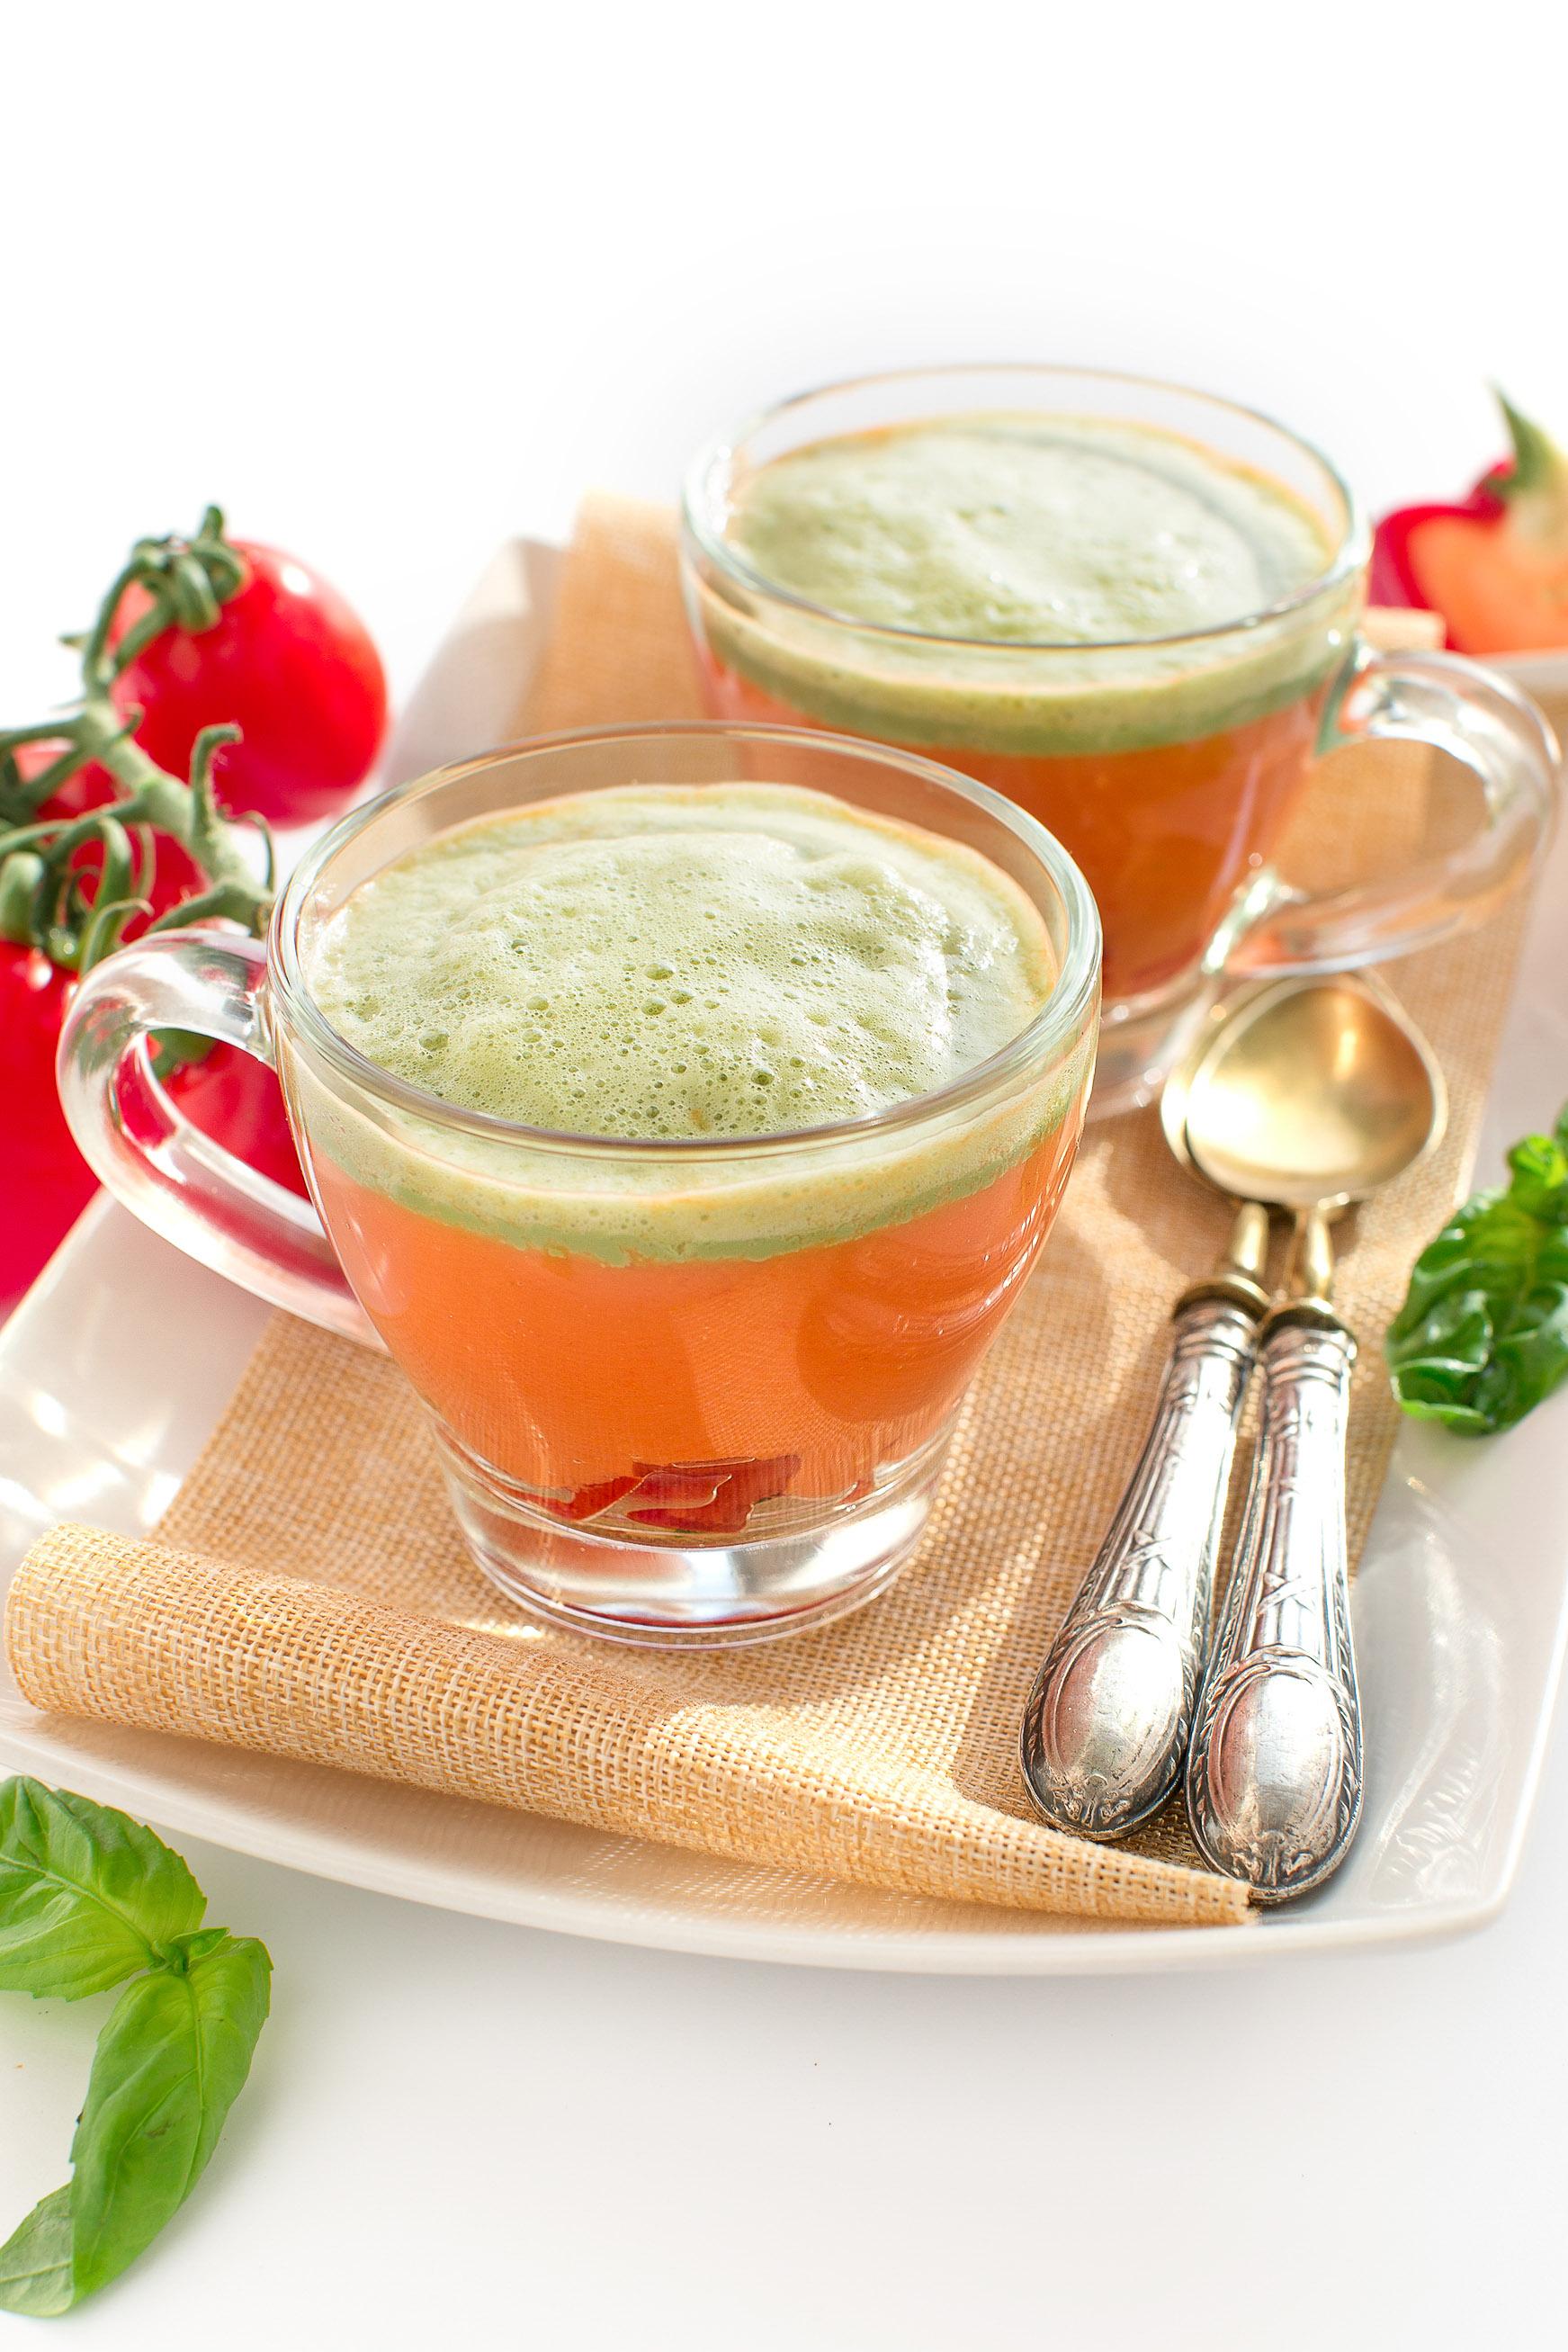 Gazpacho recipe + fresh basil foam vegan glutenfree | ricetta gazpacho con schiuma al basilico #vegan